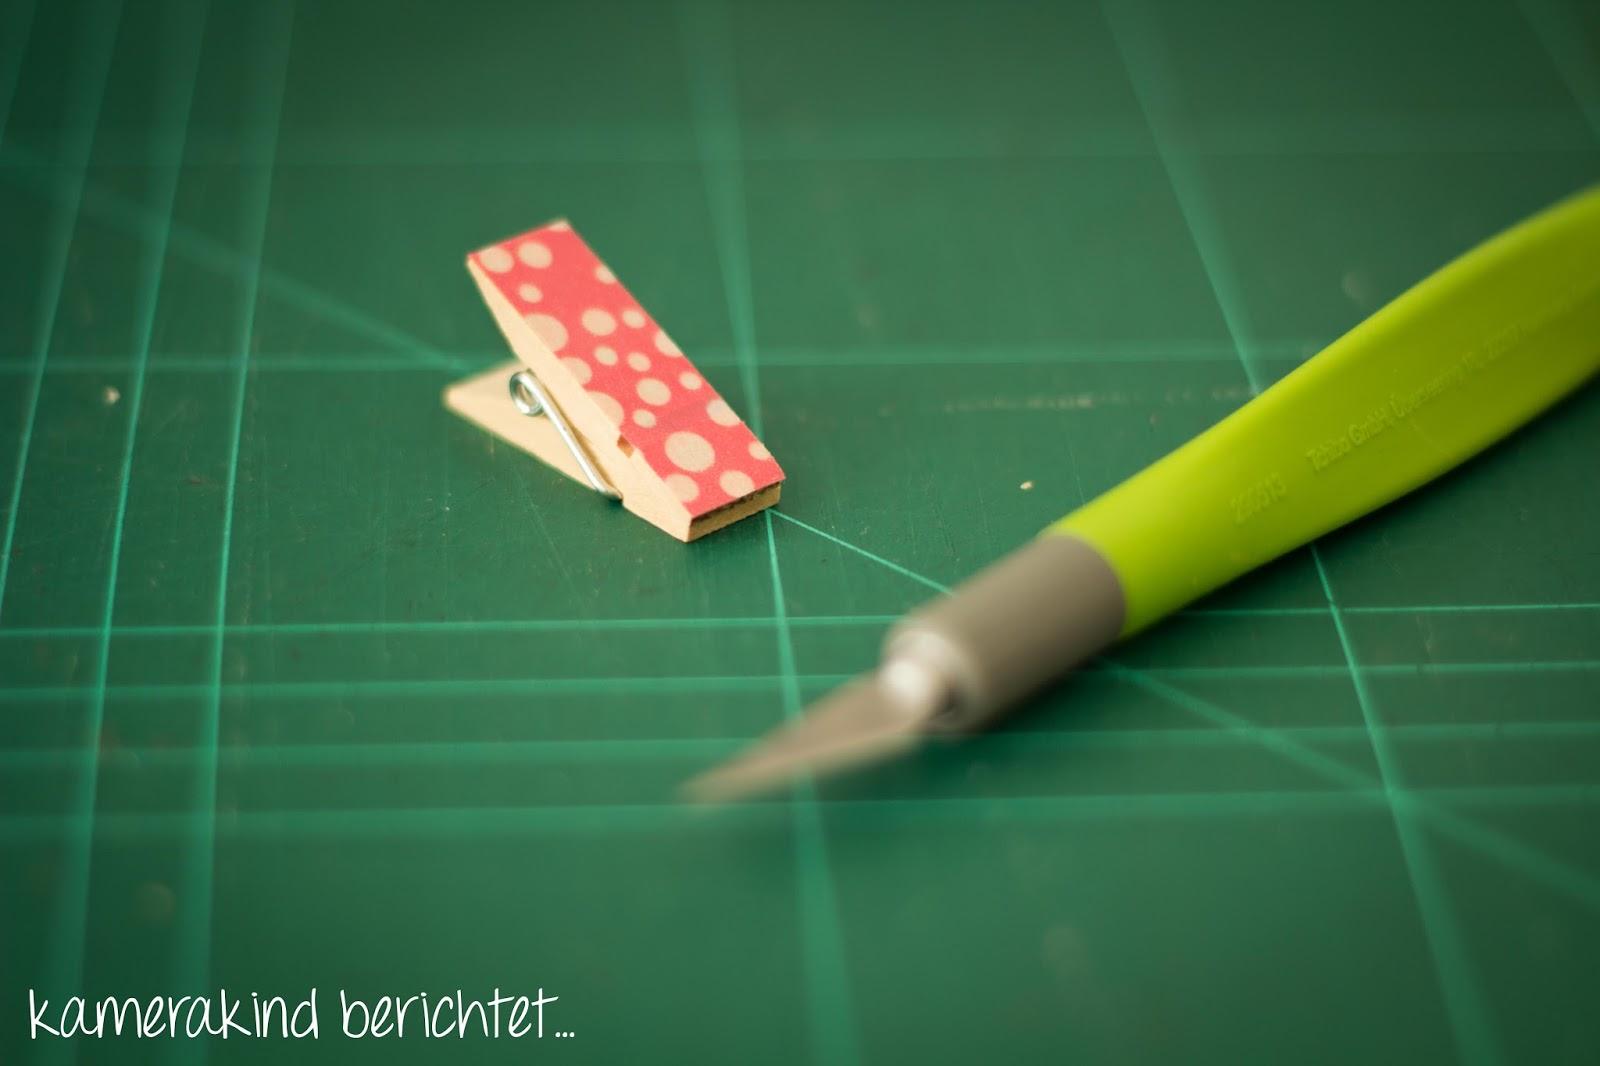 Das Washi Tape lässt sich sehr gut mit einem scharfen Messer kürzen.